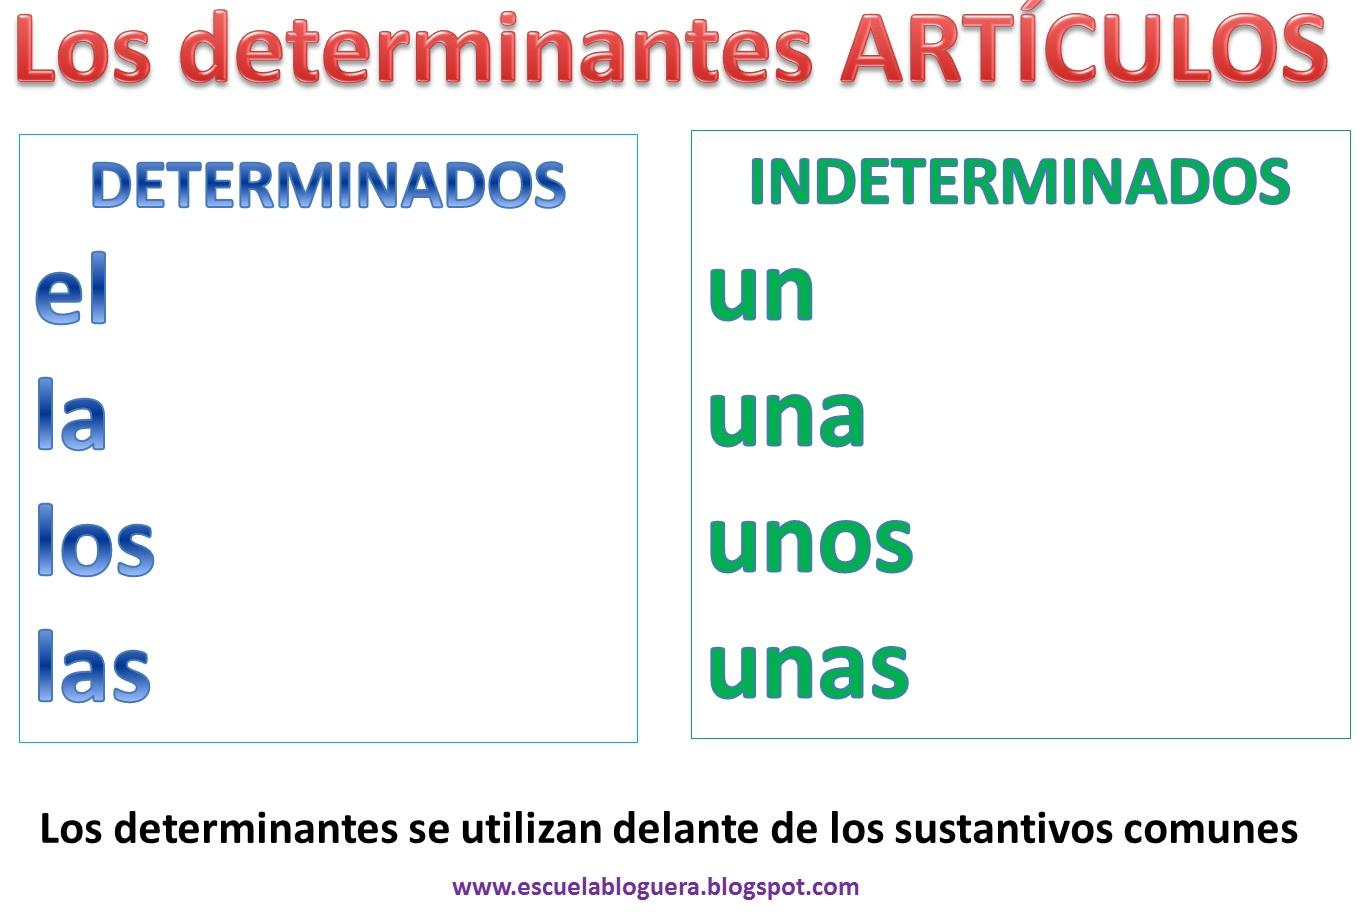 Cartel Artículos Determinados Y Indeterminados Para Niños Cucaluna